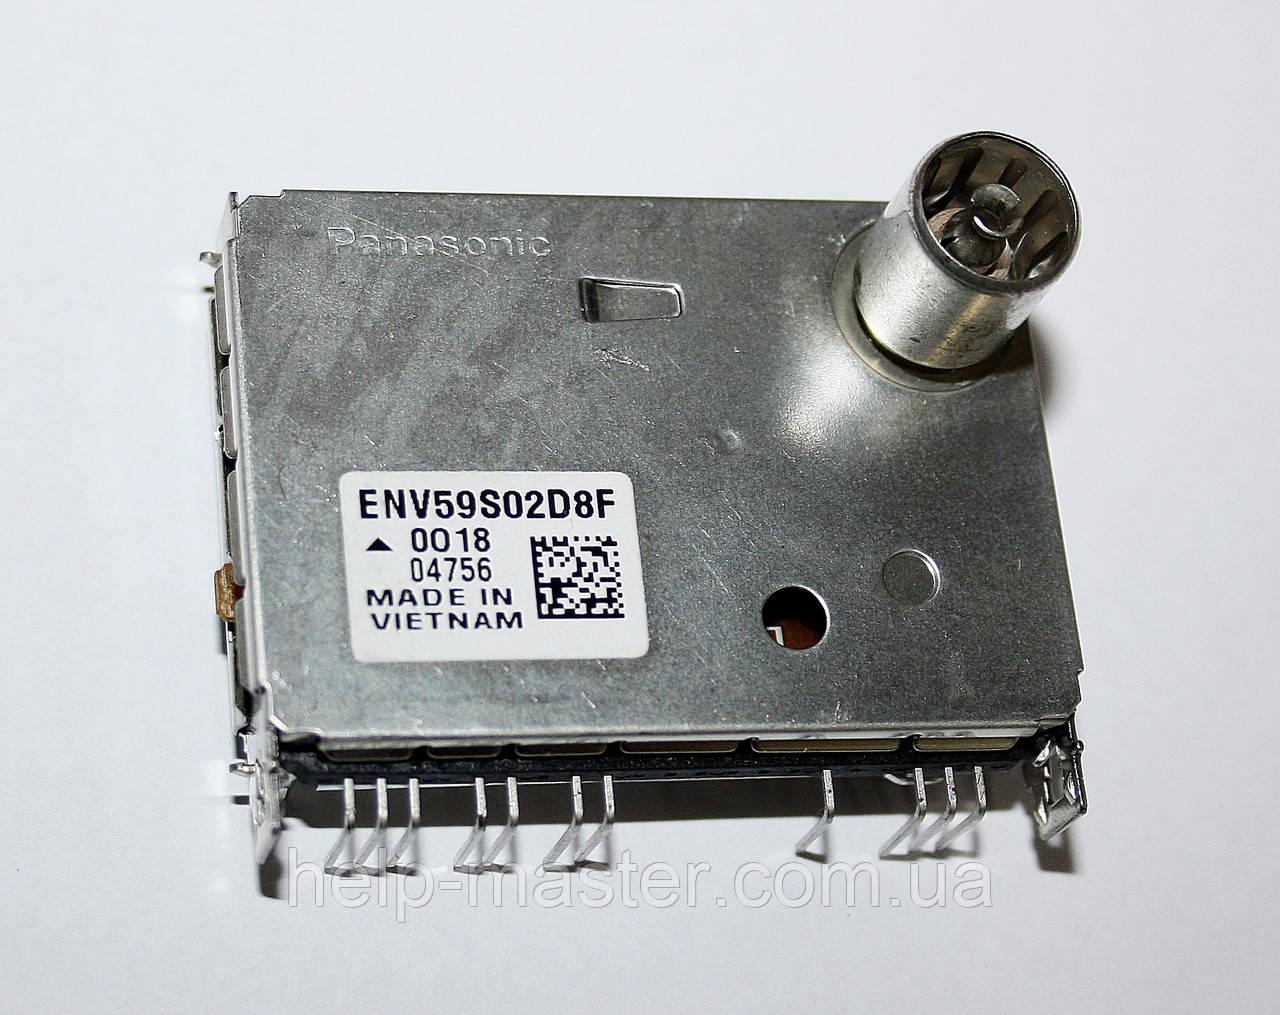 Тюнер для телевізора ENV59S02D8F